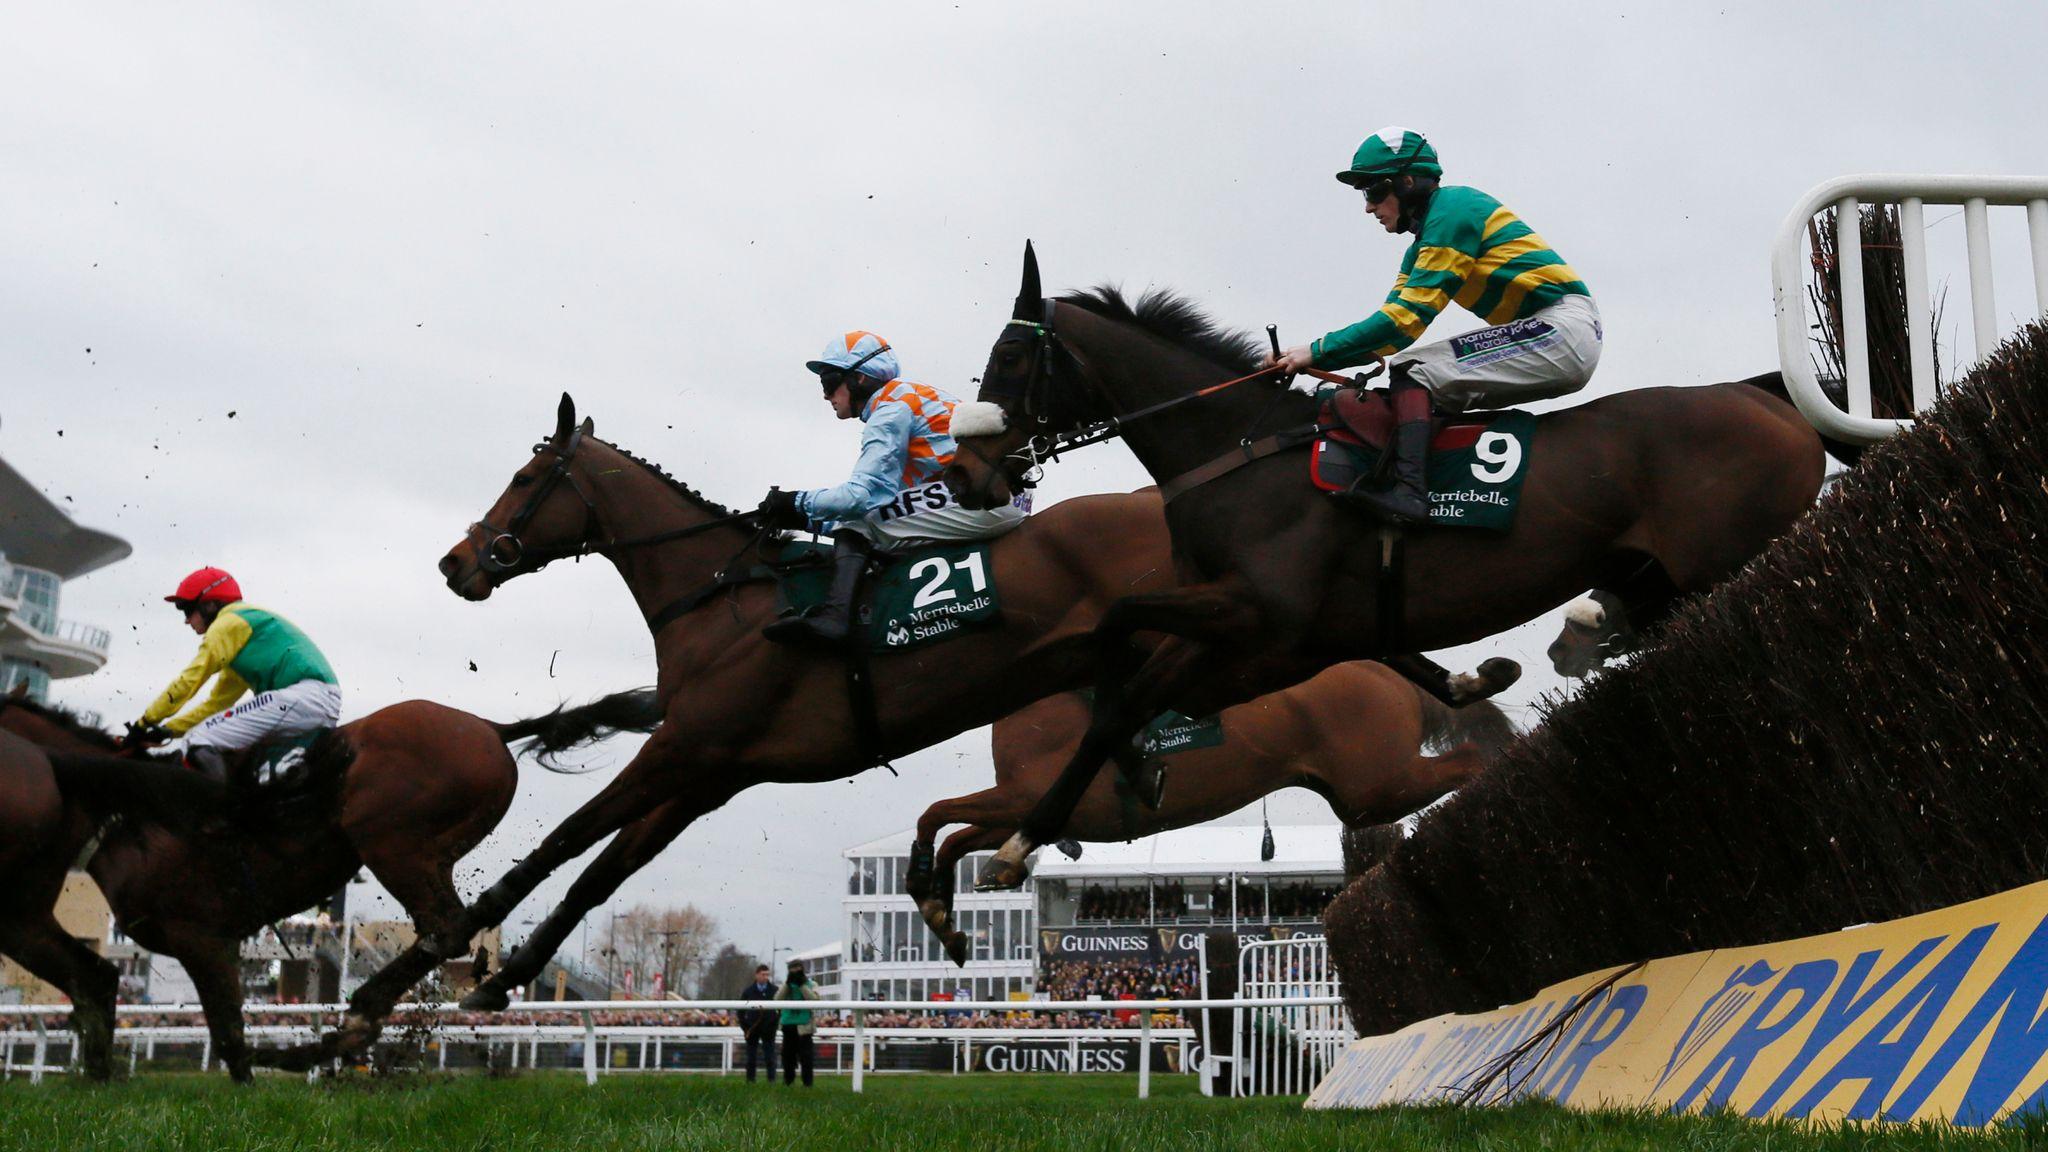 Картинки по запросу horse racing